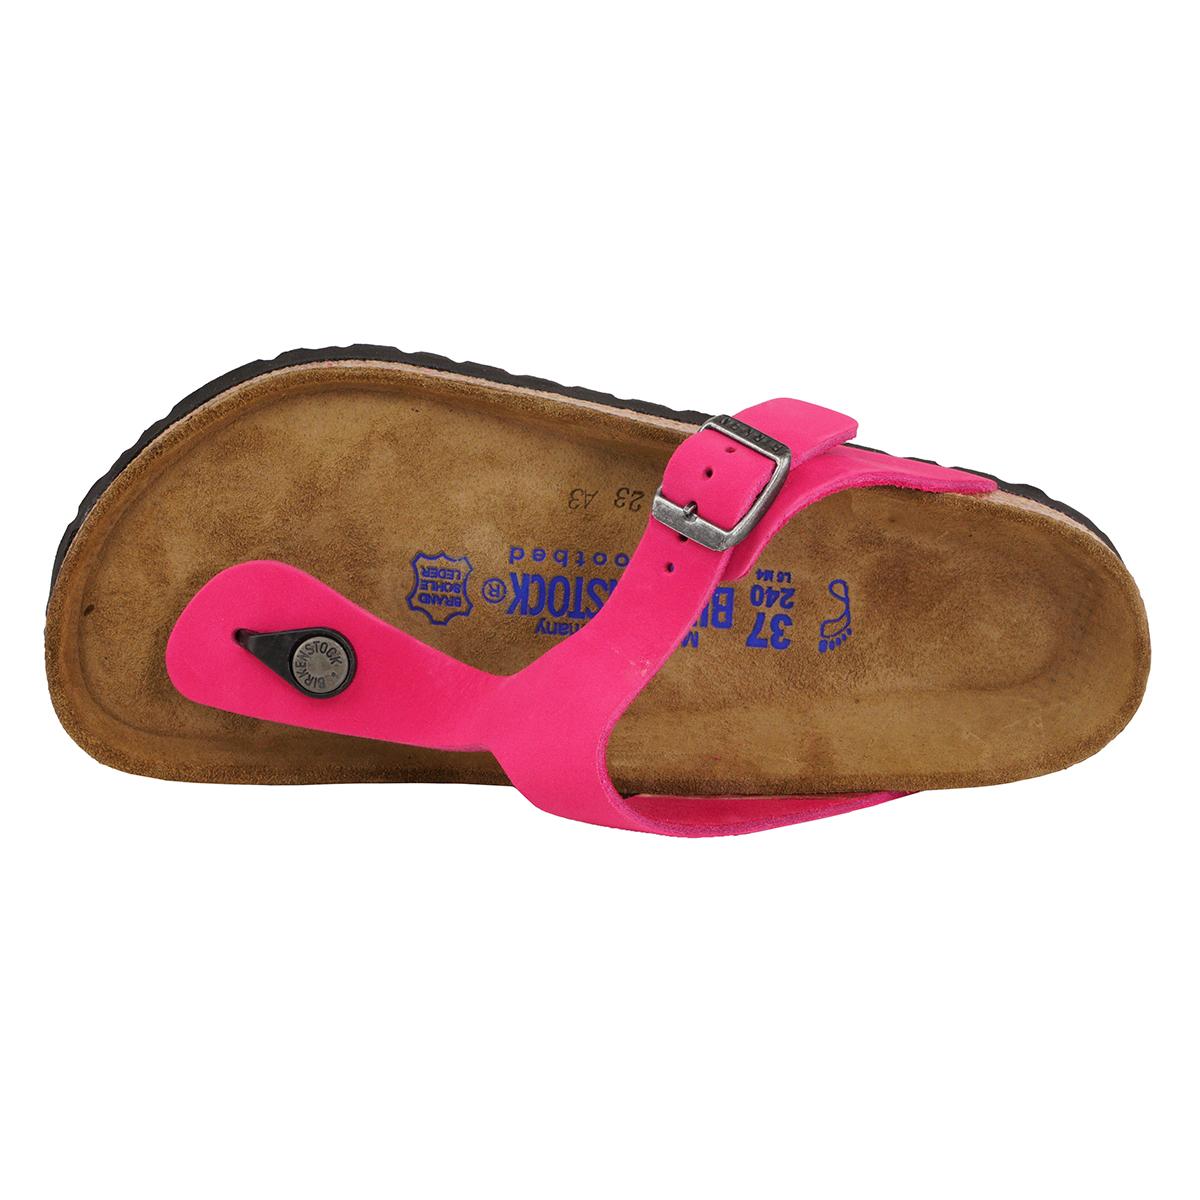 2c95419c2f5 Birkenstock Gizeh Soft Footbed Leather Sandals Pink 38 N ...